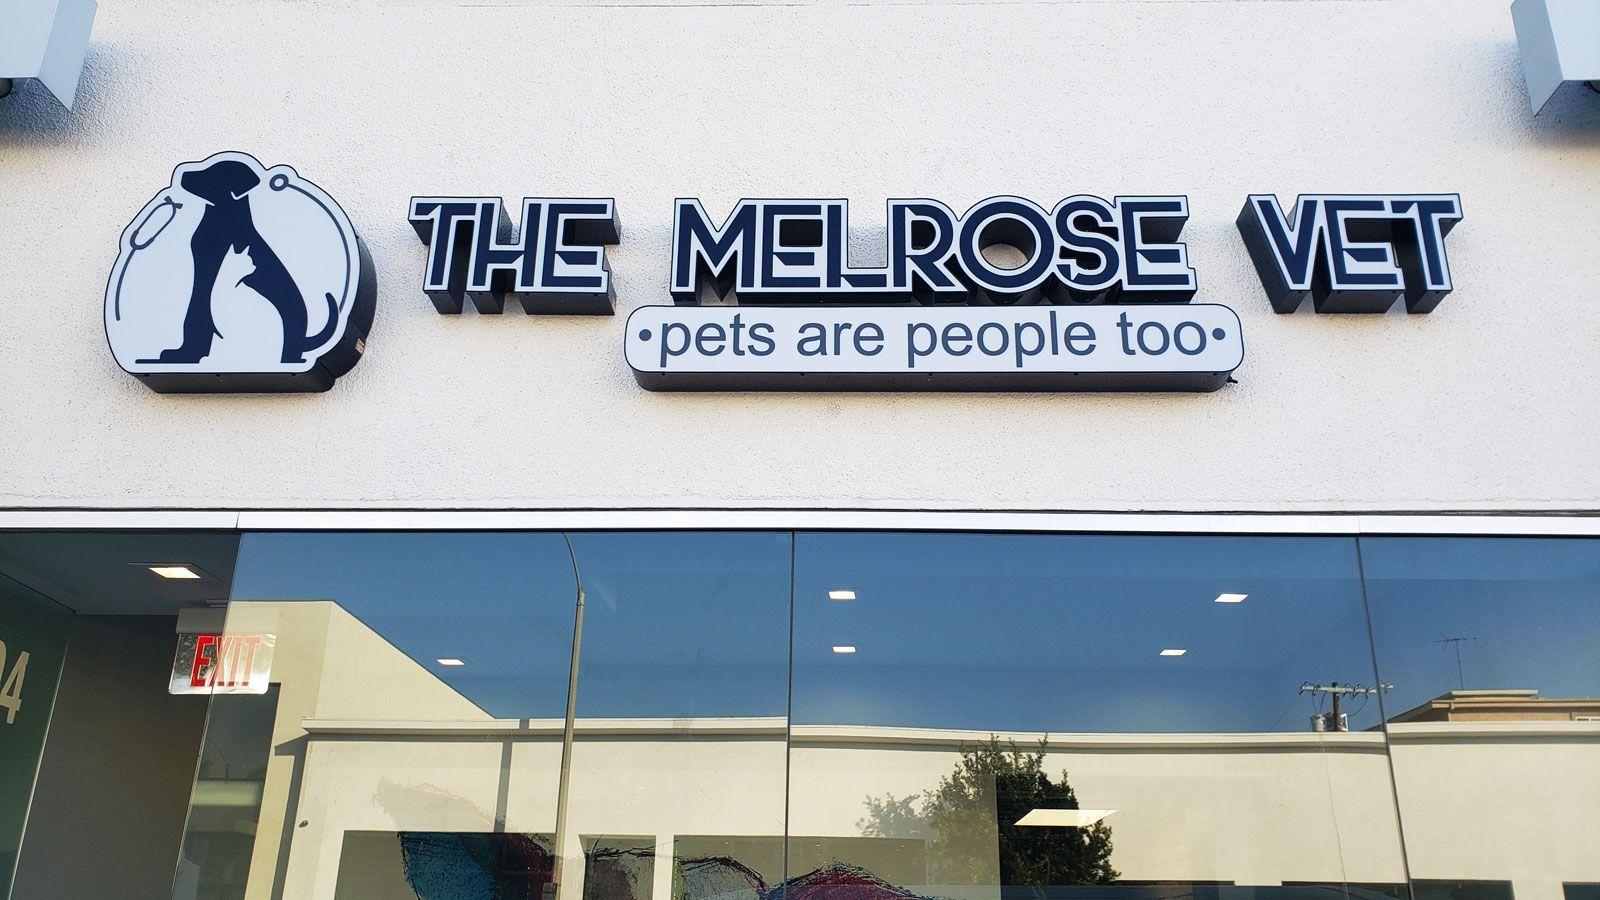 Melrose vet illuminated signs